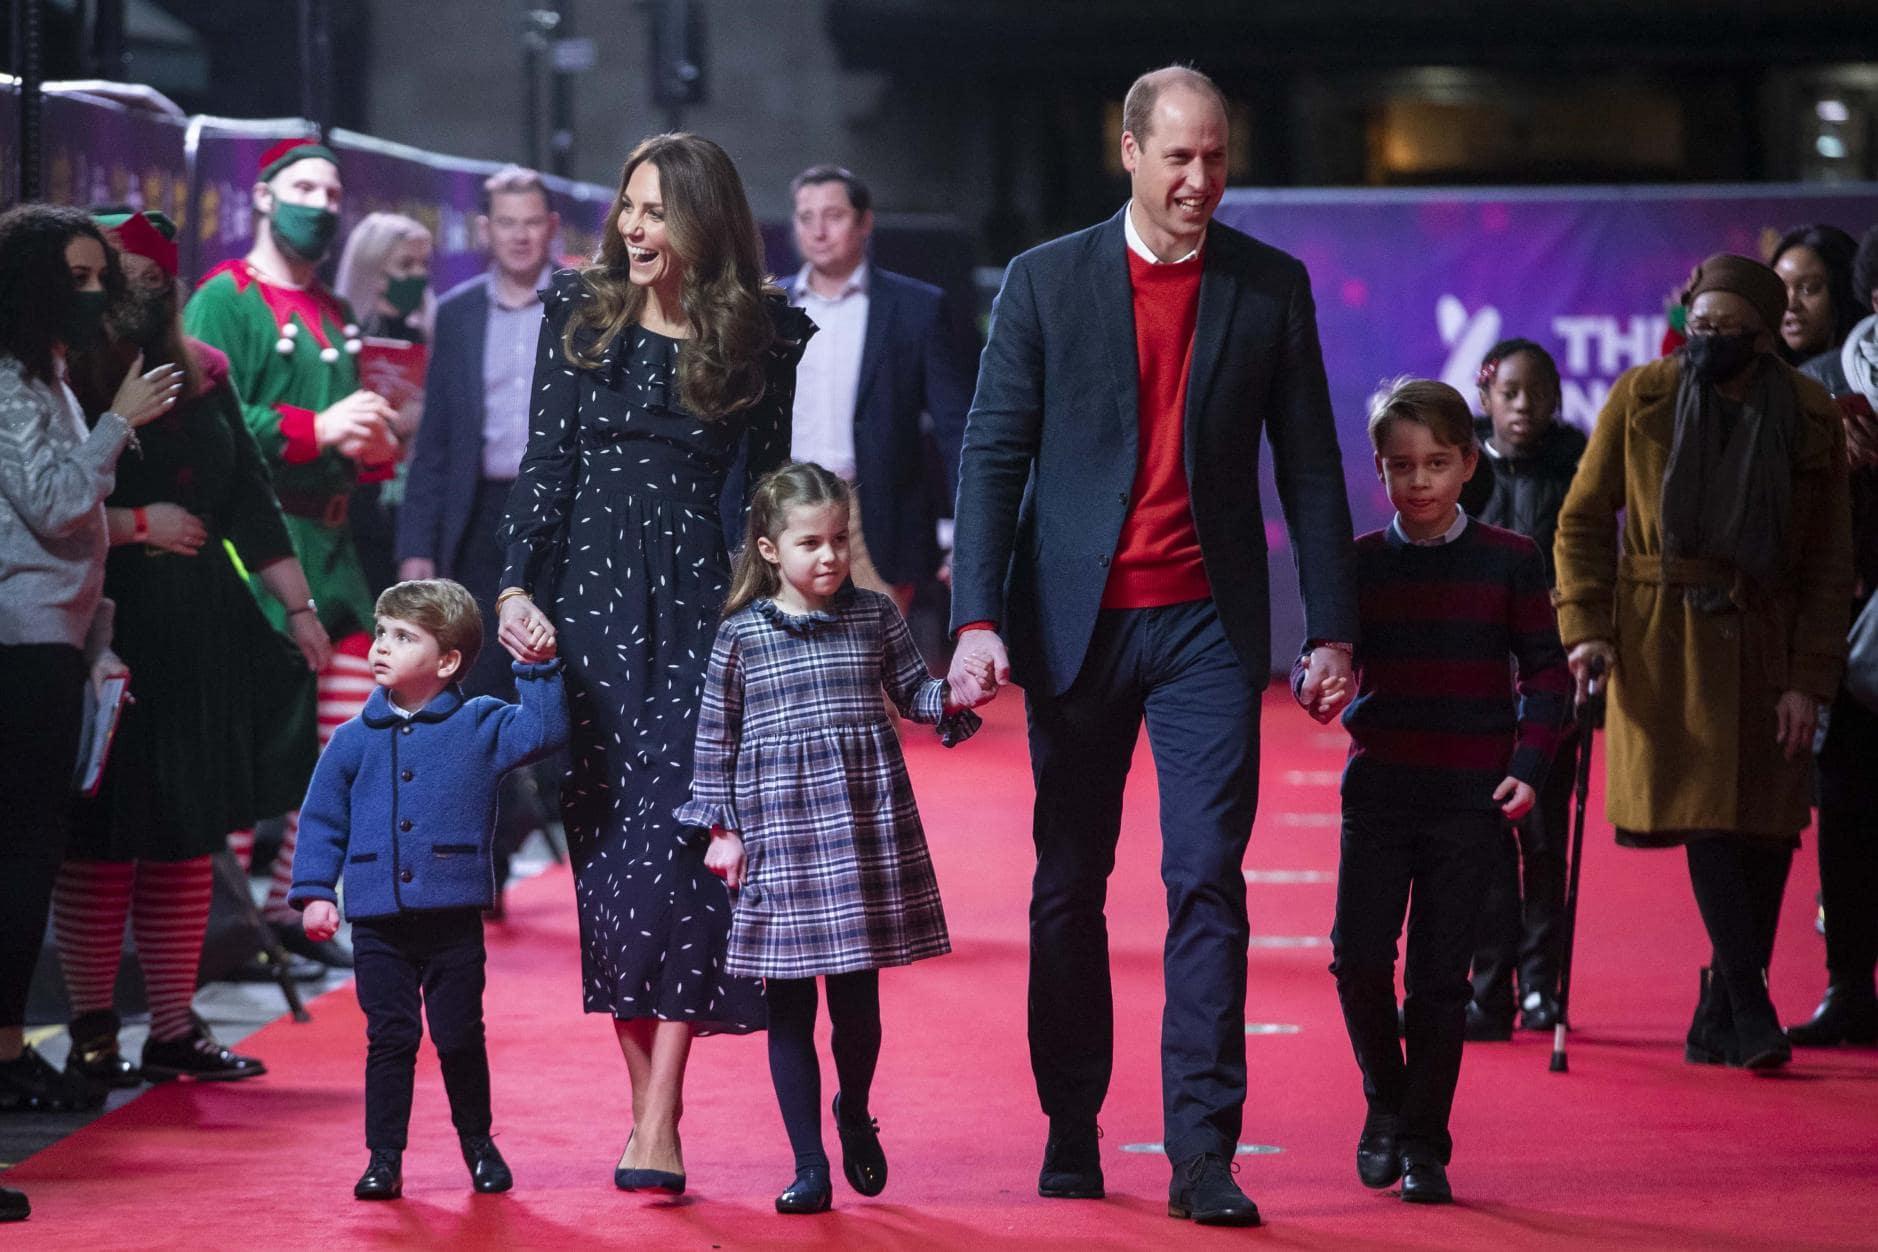 William und Kate erstmals mit allen Kindern auf dem roten Teppich 9